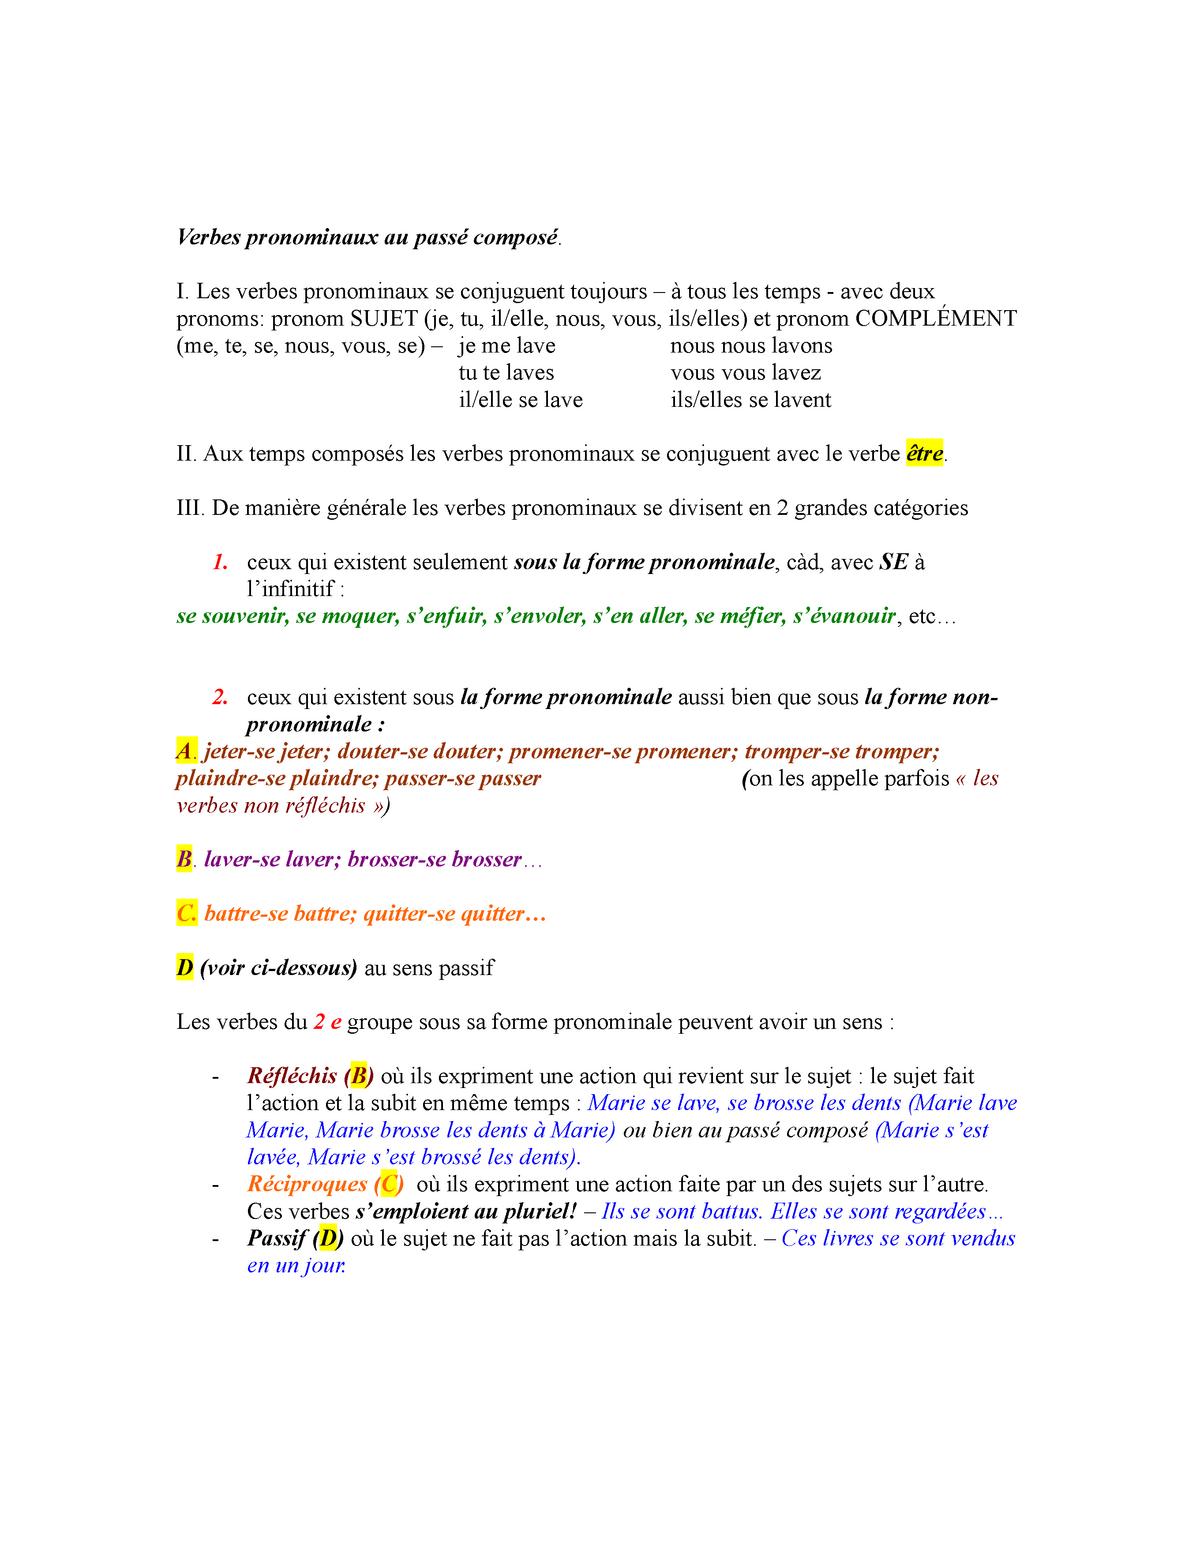 Verbes Pronominaux Accord Au Passe Compose Aide Memoire Studocu